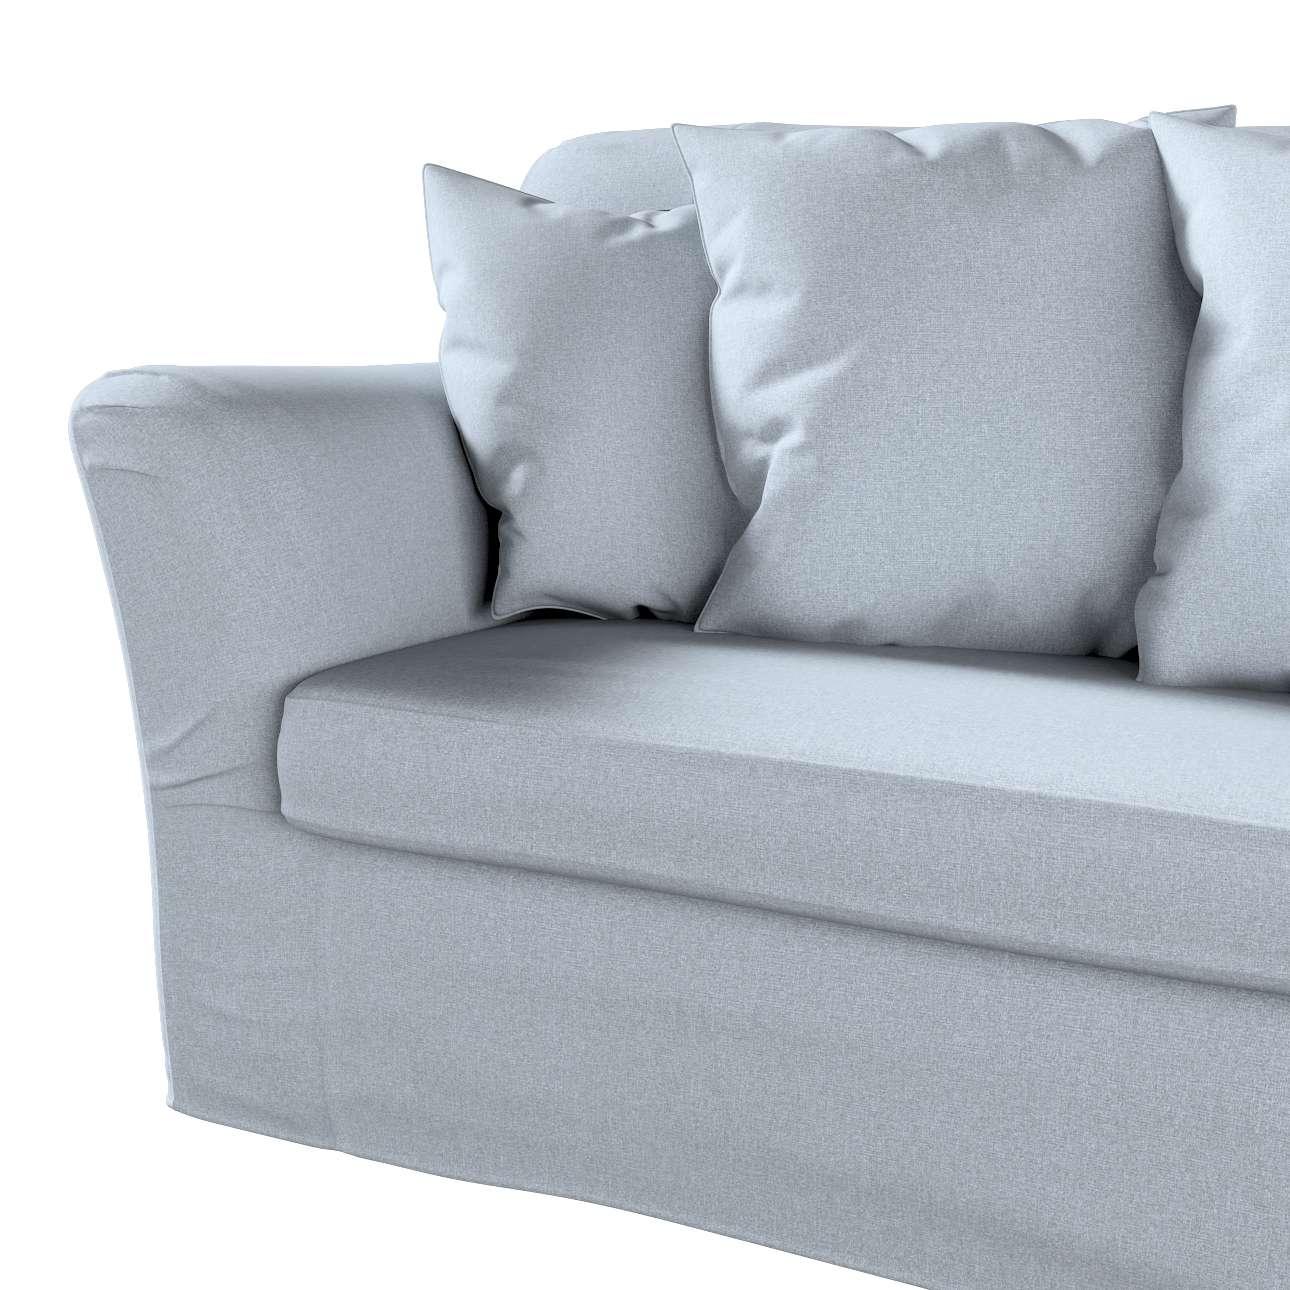 Pokrowiec na sofę Tomelilla 3-osobową rozkładaną w kolekcji Amsterdam, tkanina: 704-46